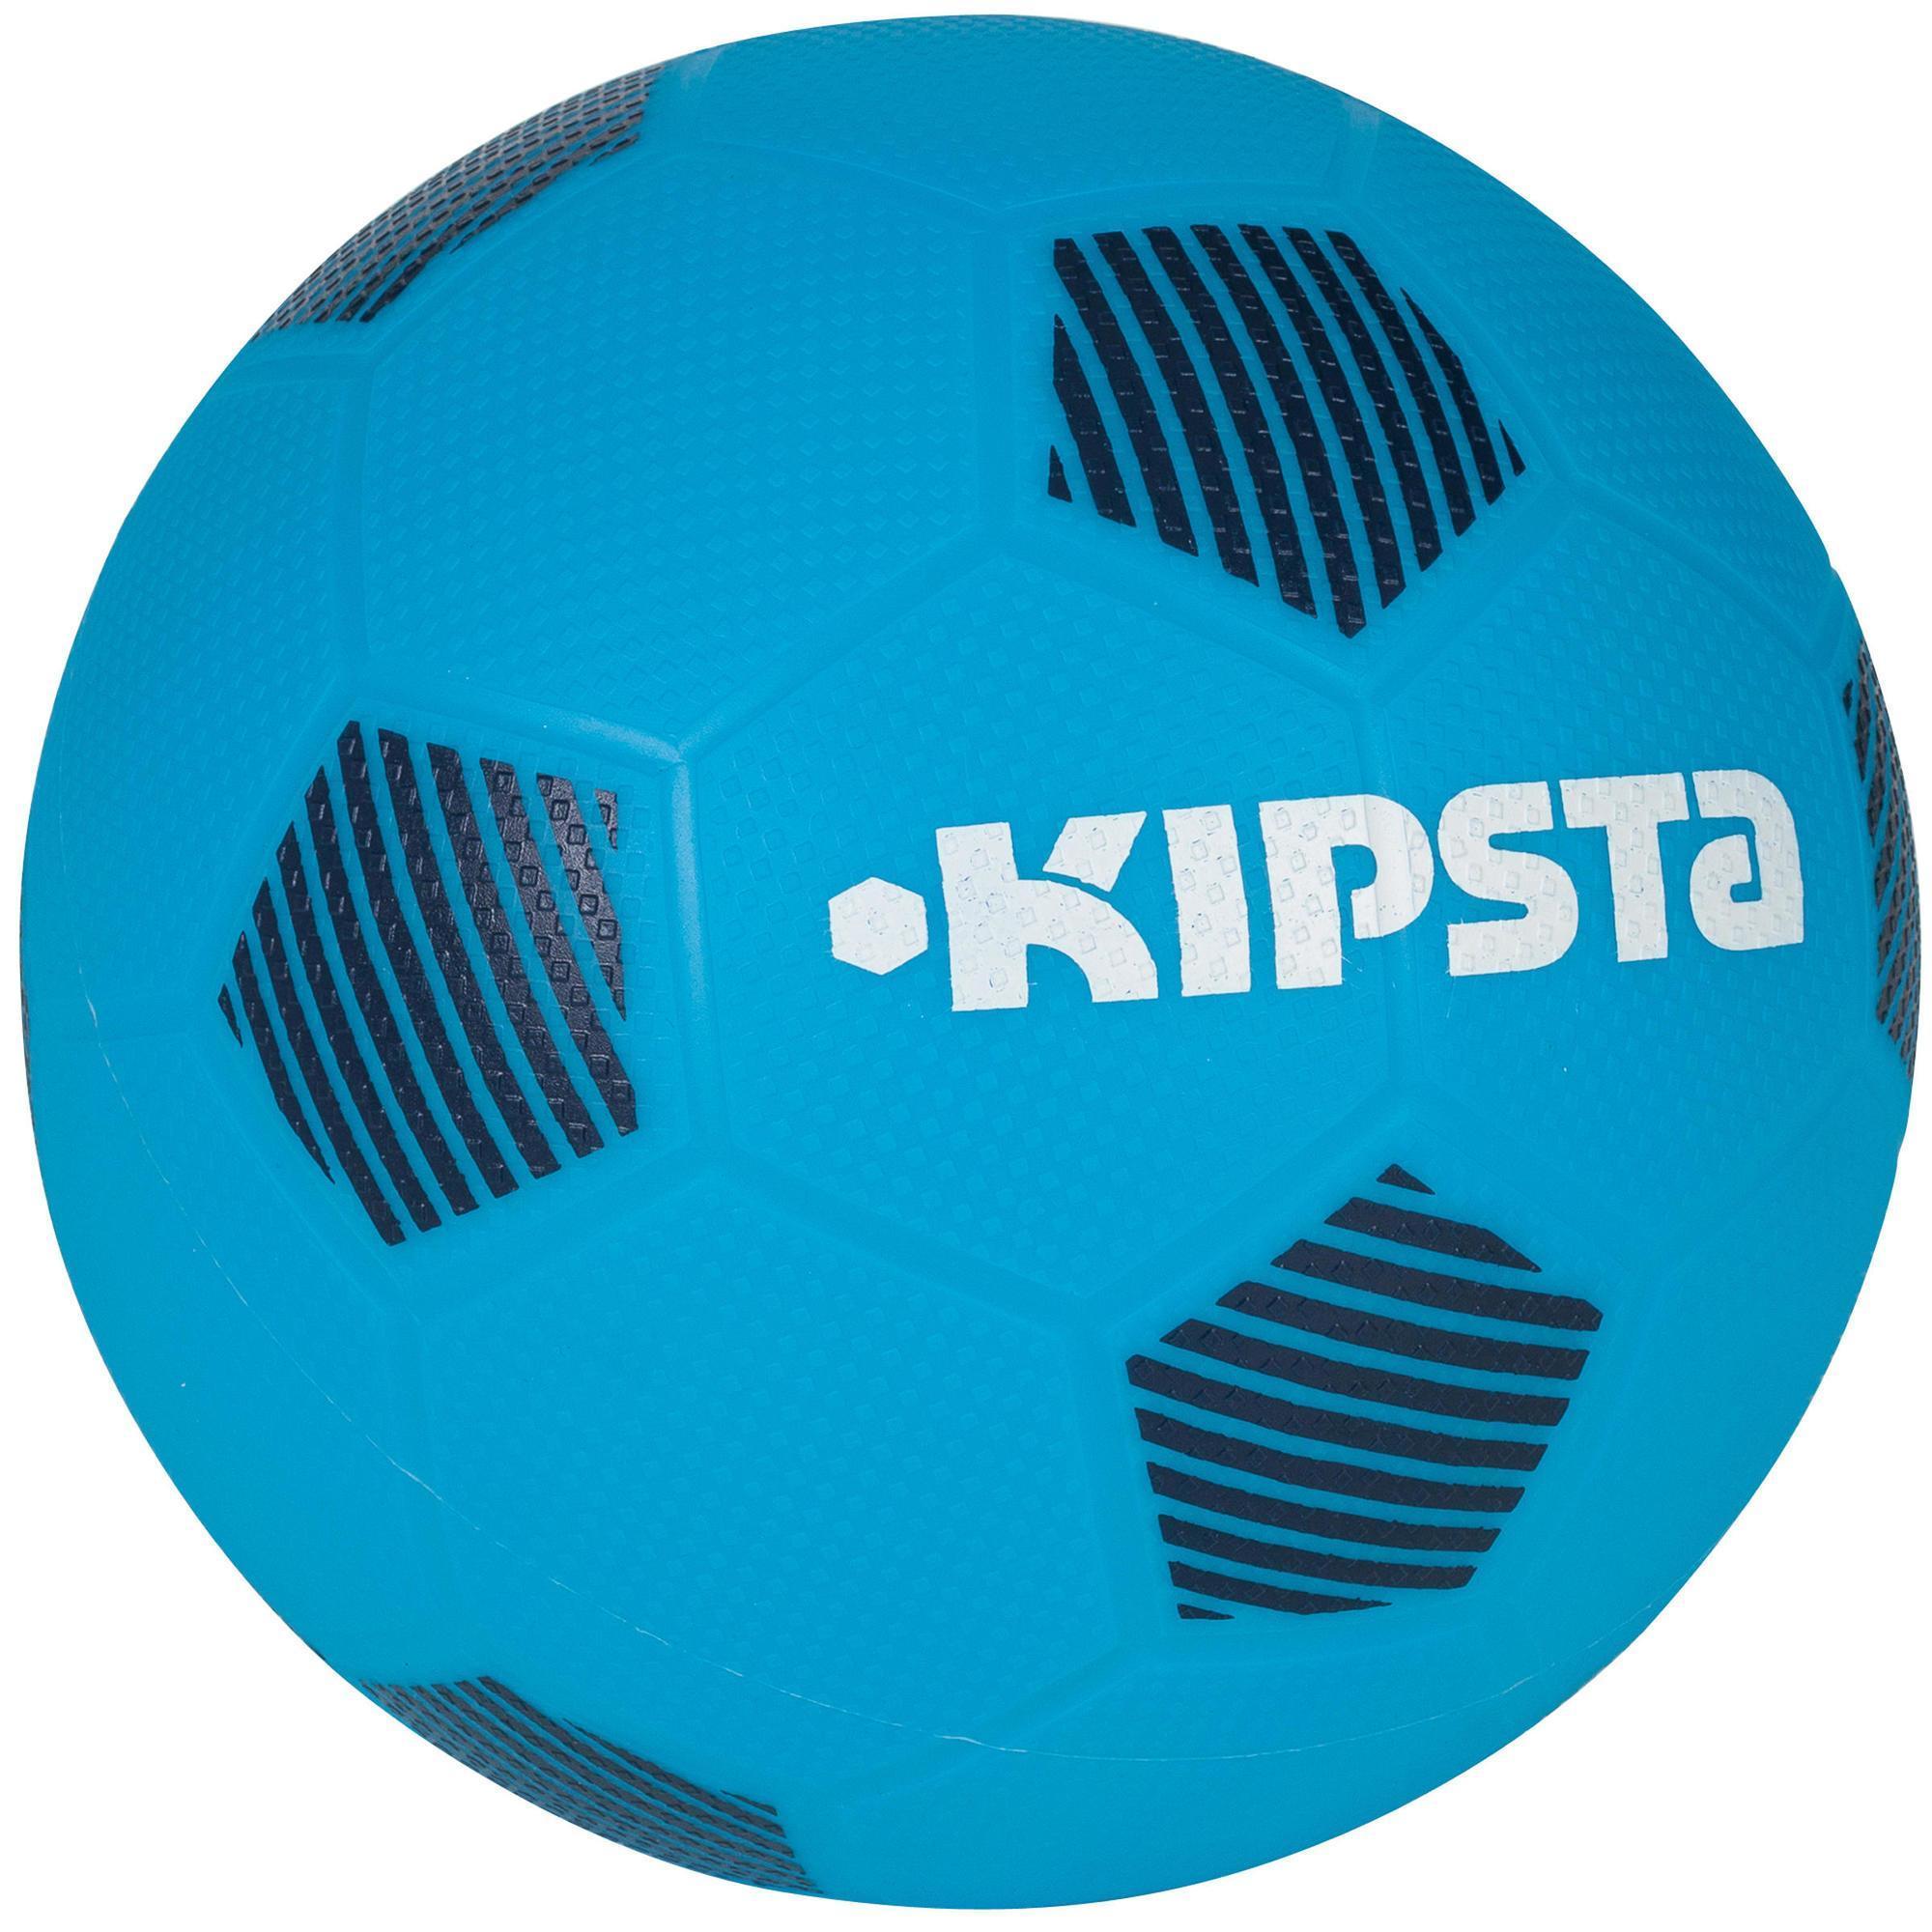 Comprar Balones de Fútbol Playa online  027701ad9dfe8